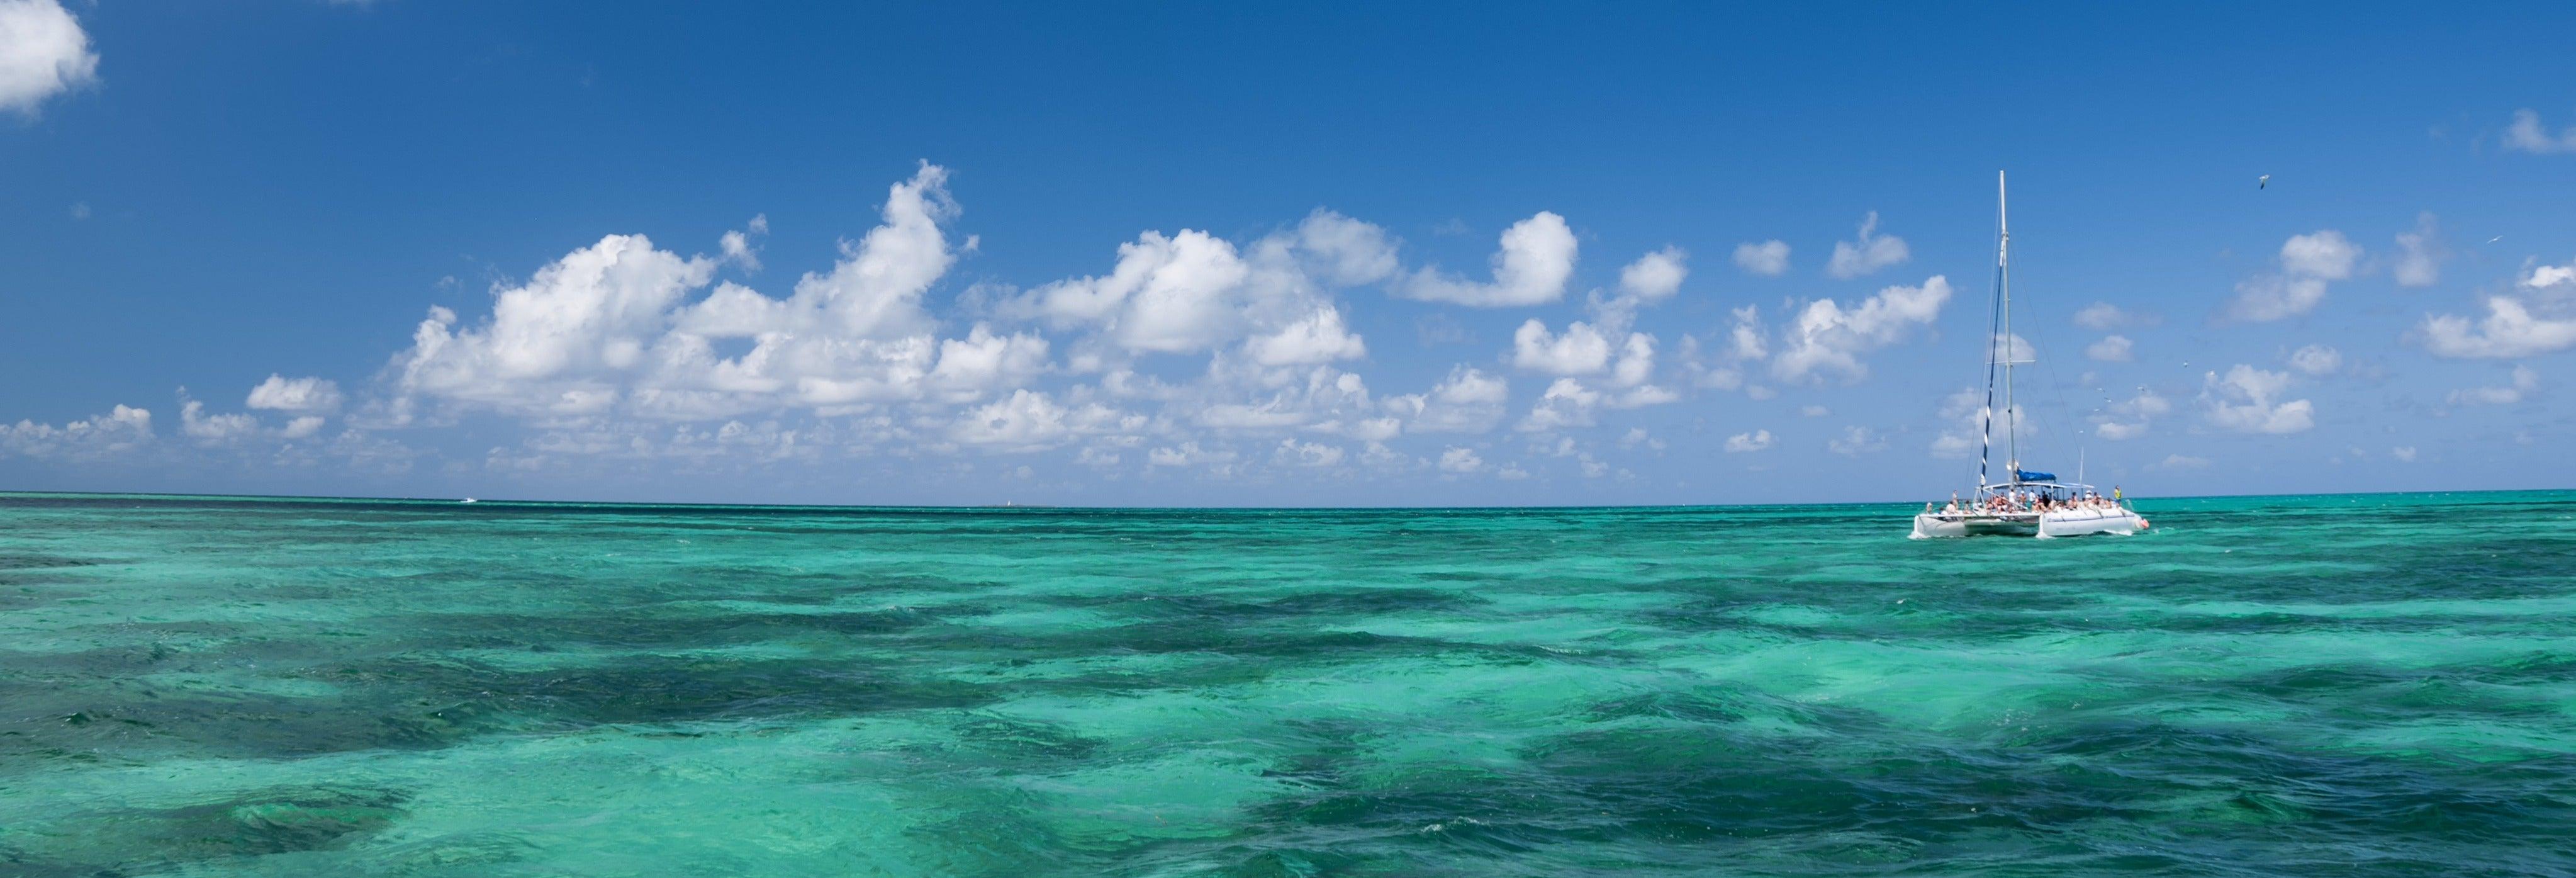 Excursión a Cayo Blanco en catamarán